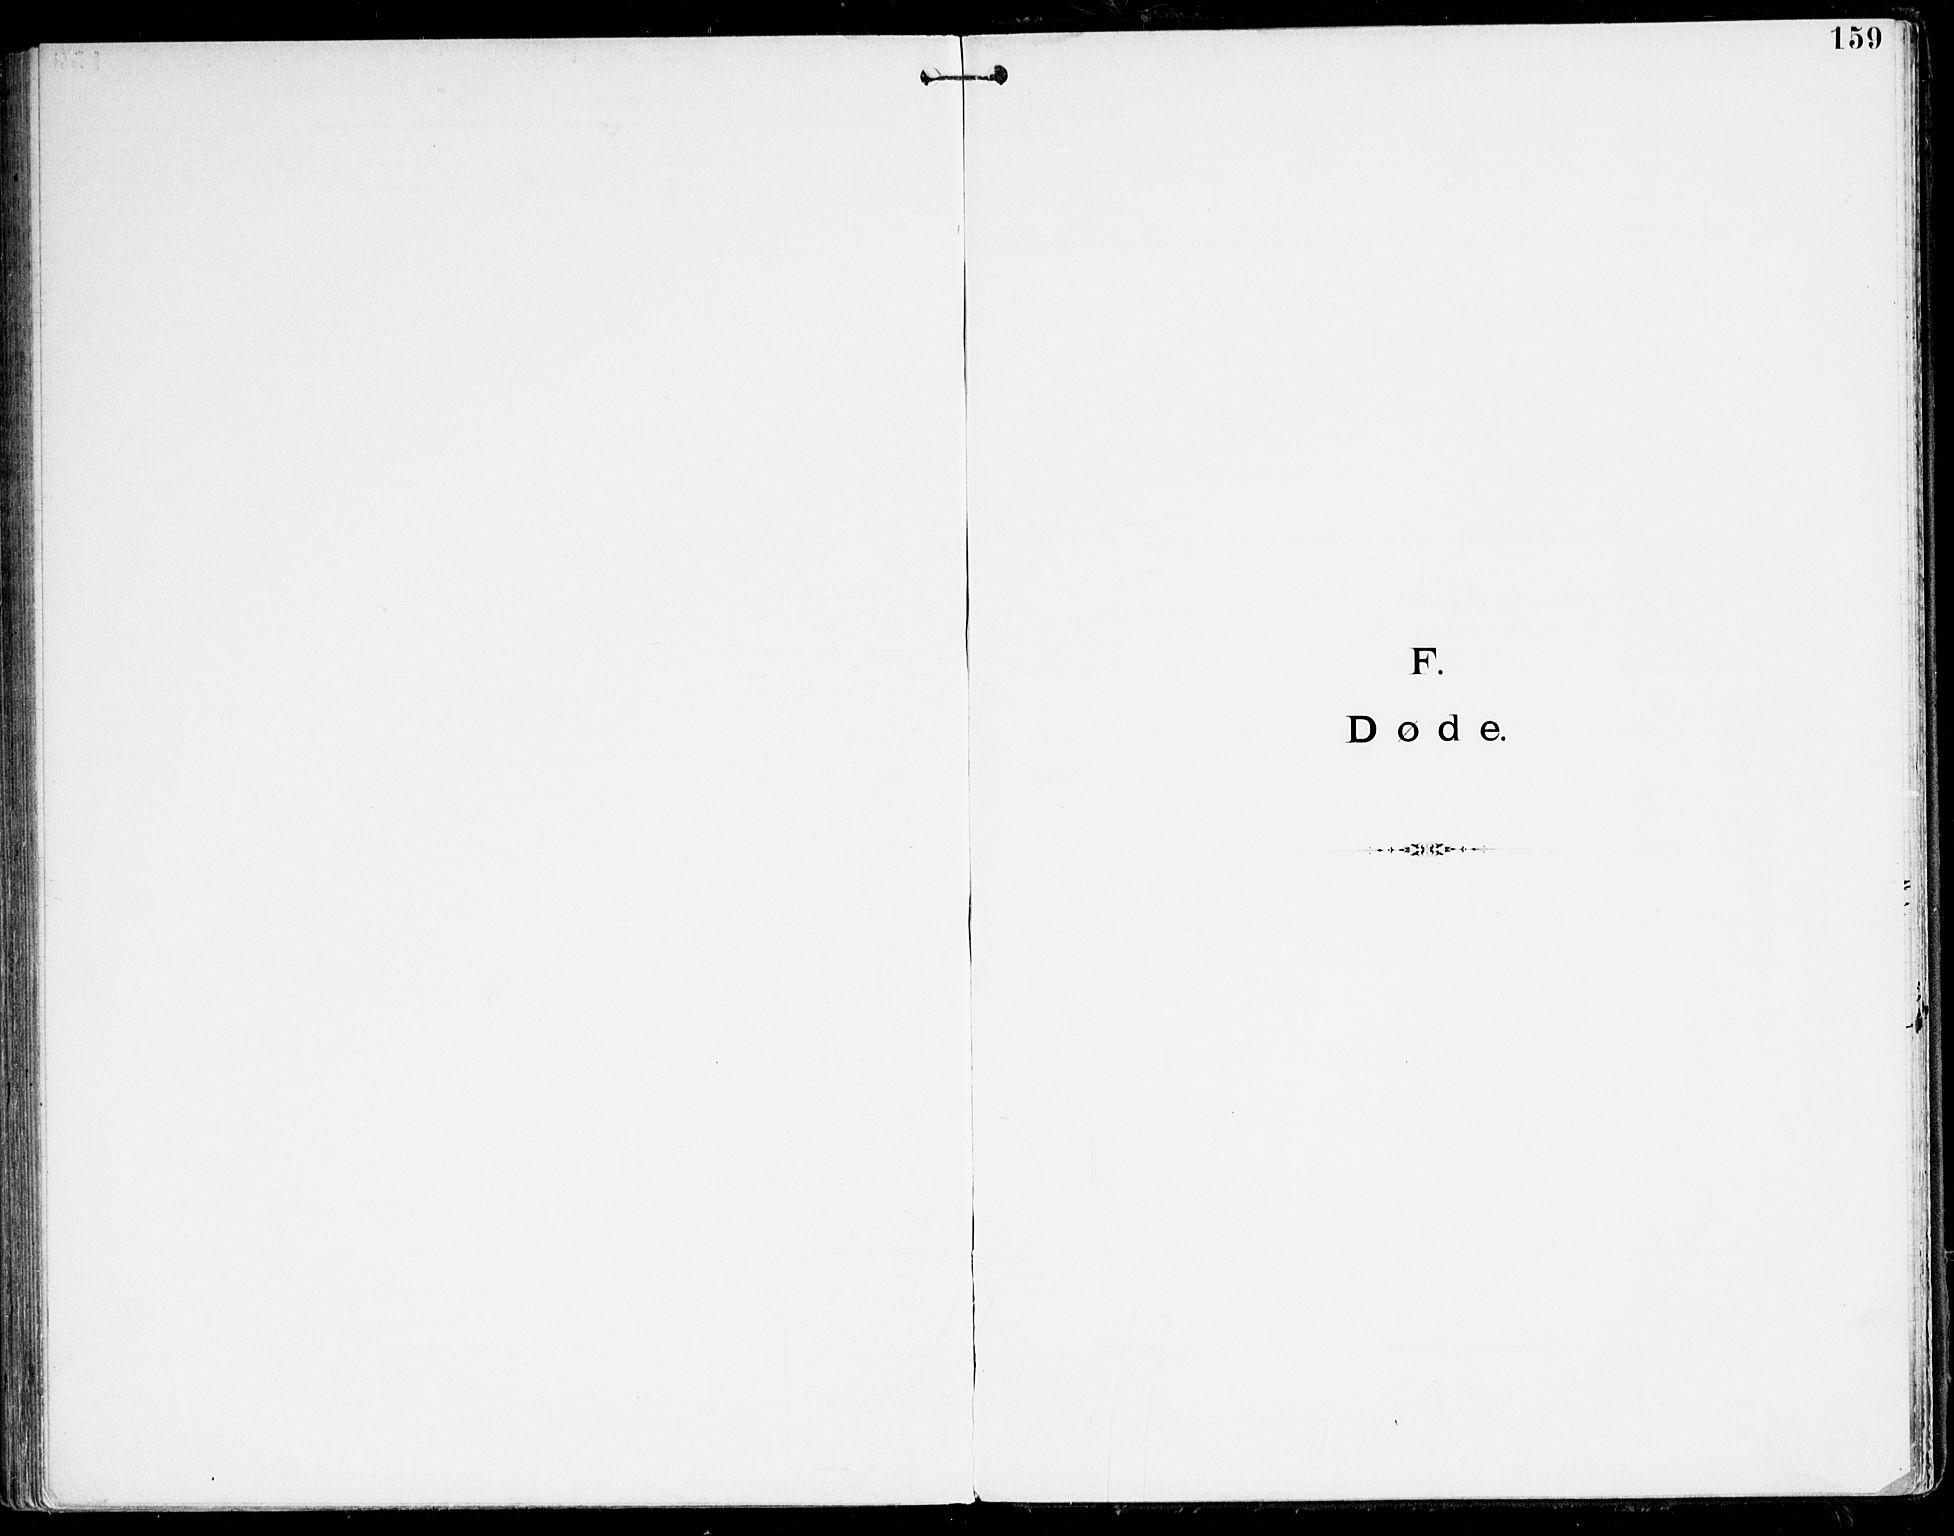 SAK, Den evangelisk-lutherske frikirke, Kristiansand, F/Fa/L0003: Dissenter register no. F 11, 1892-1925, p. 159